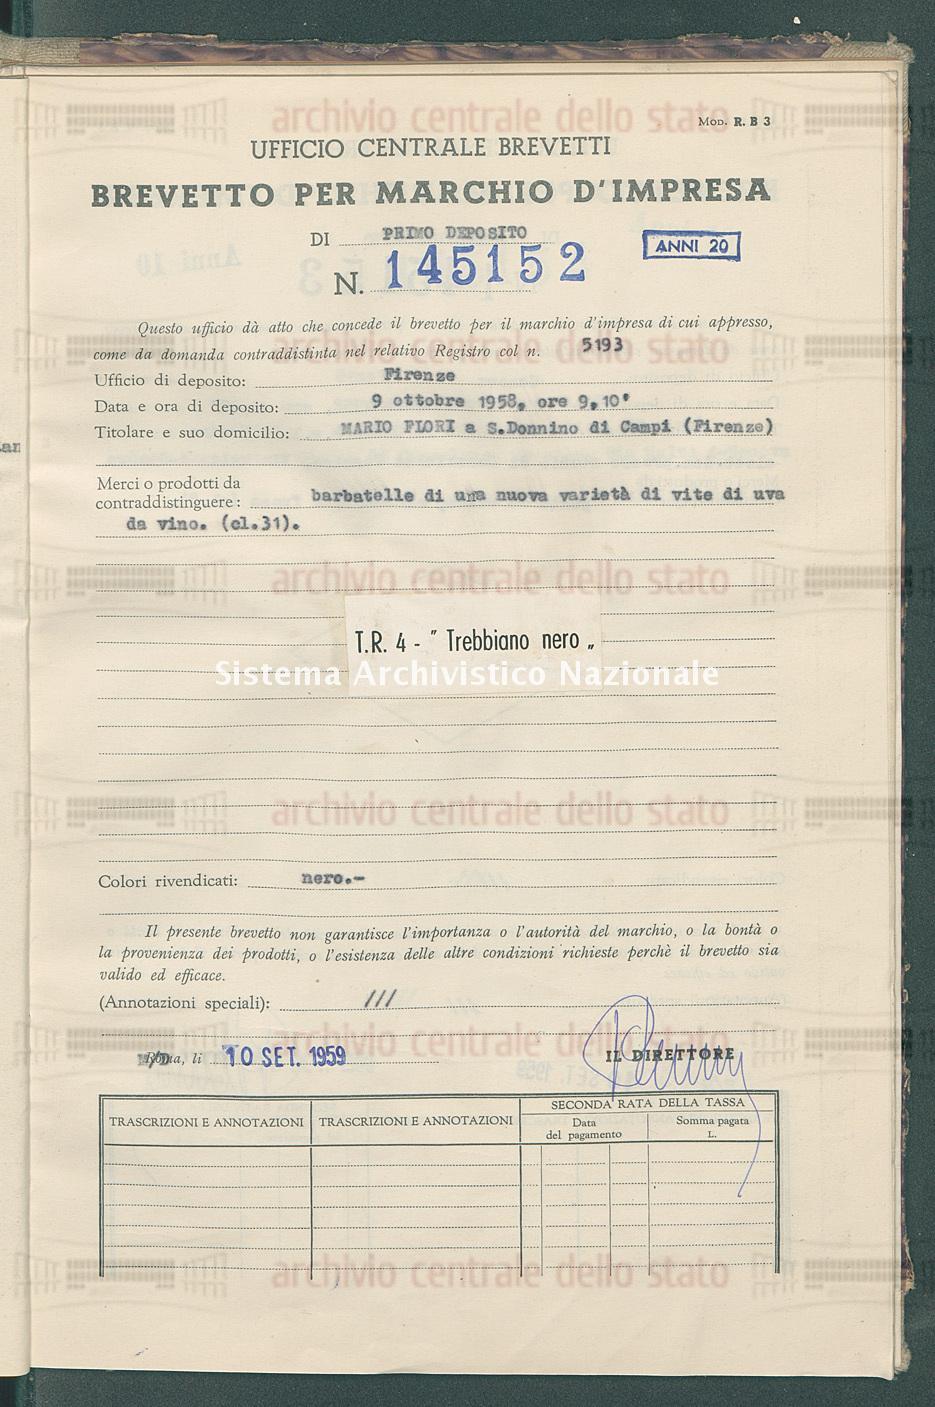 Barbatelle di una nuova ecc. Mario Flori (10/09/1959)